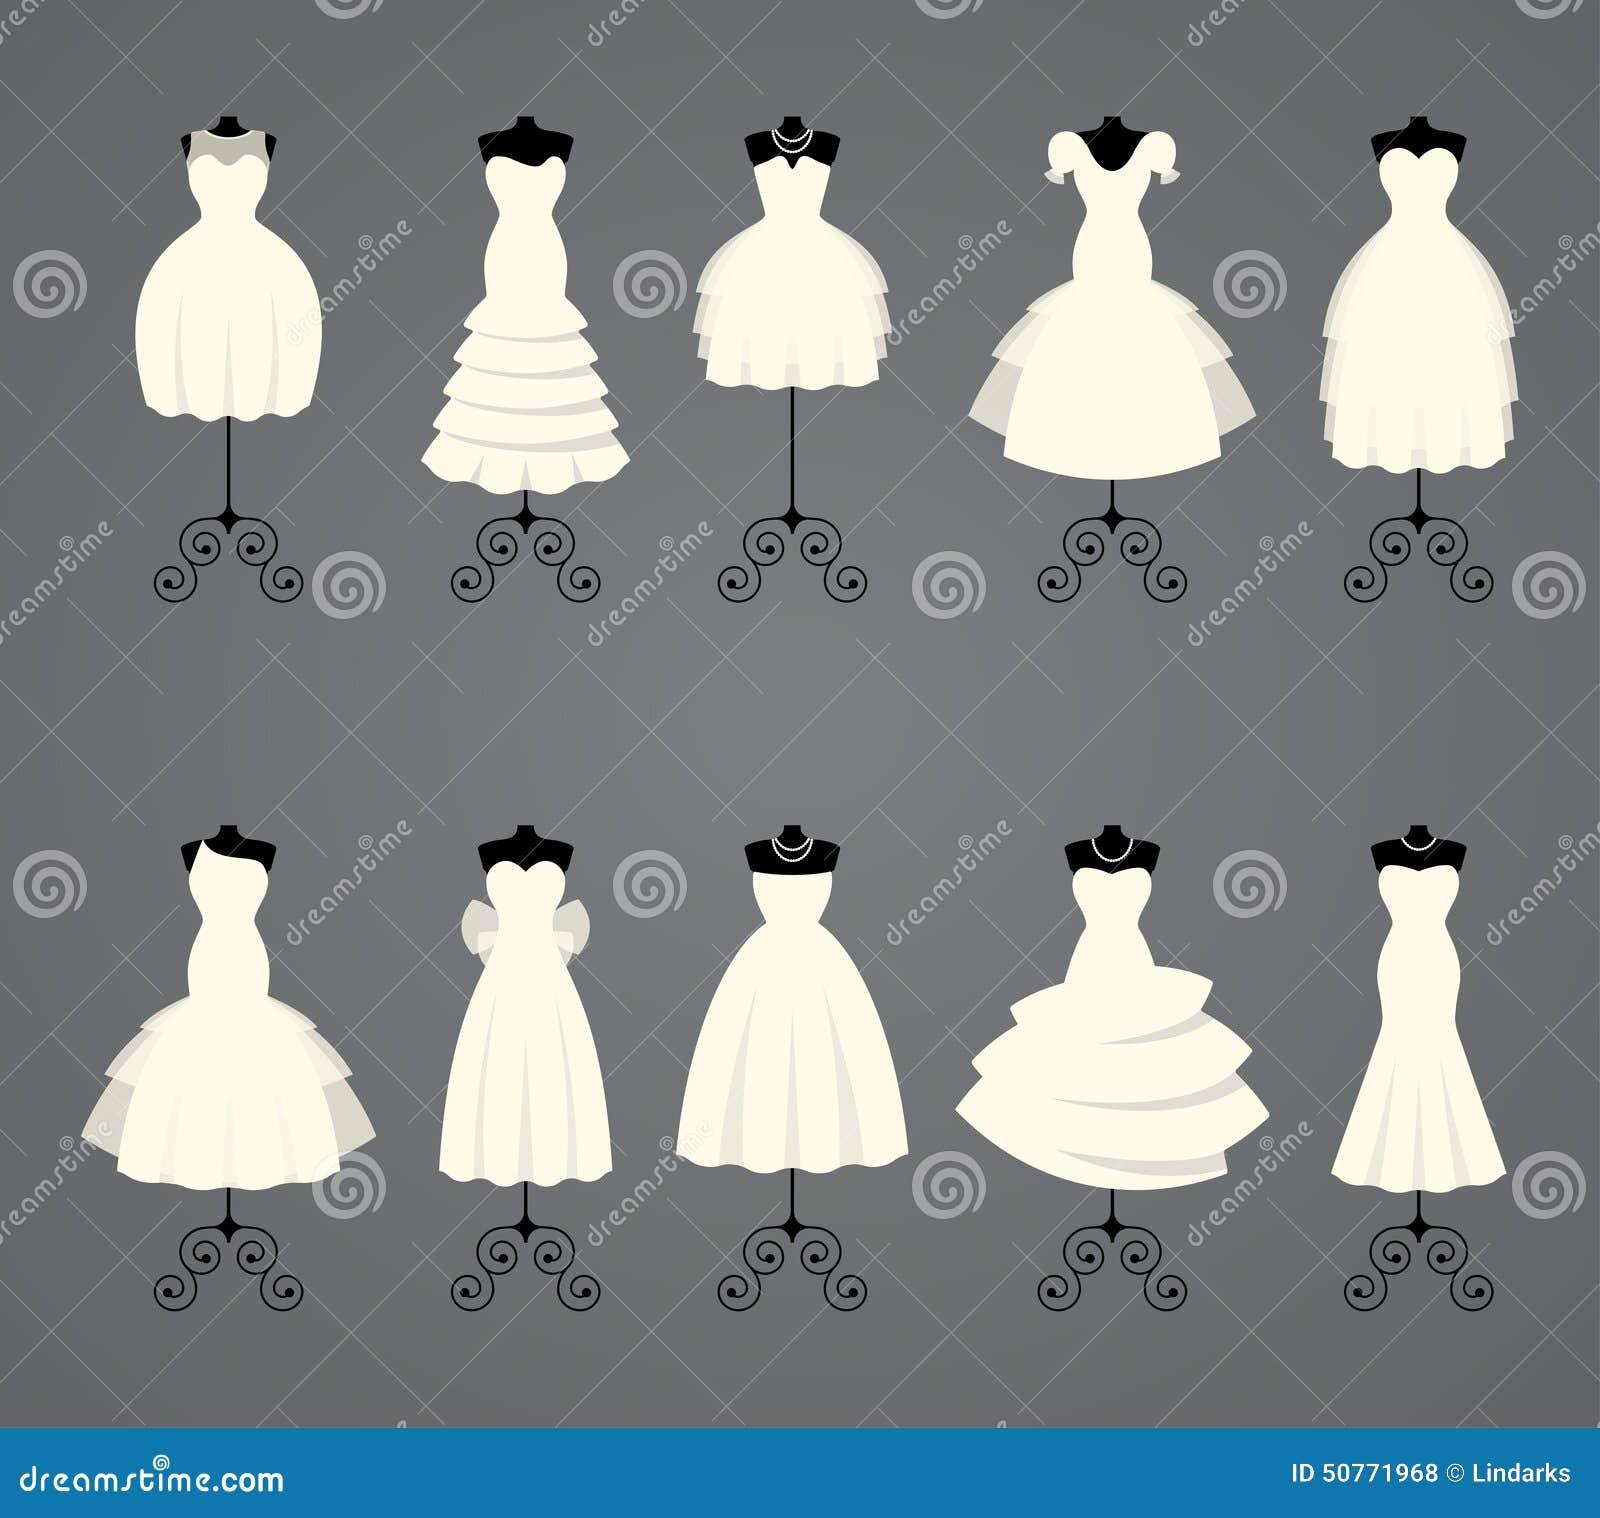 robes de mariage dans diff rents styles illustration de